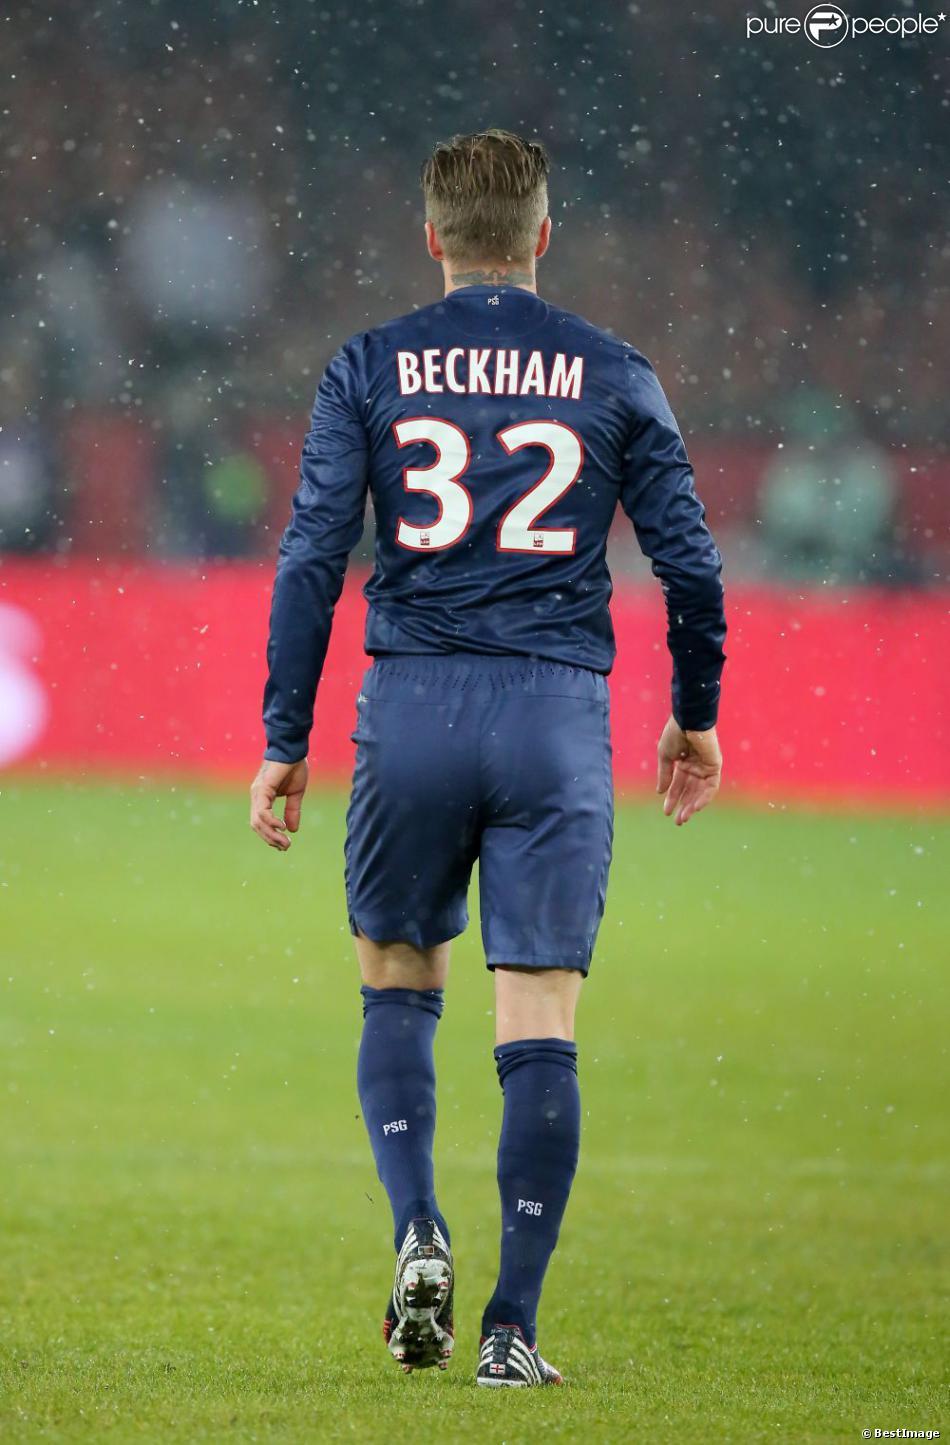 David Beckham lors du match face à l'Olympique de Marseille le 24 février 2013 au Parc des Princes à Paris